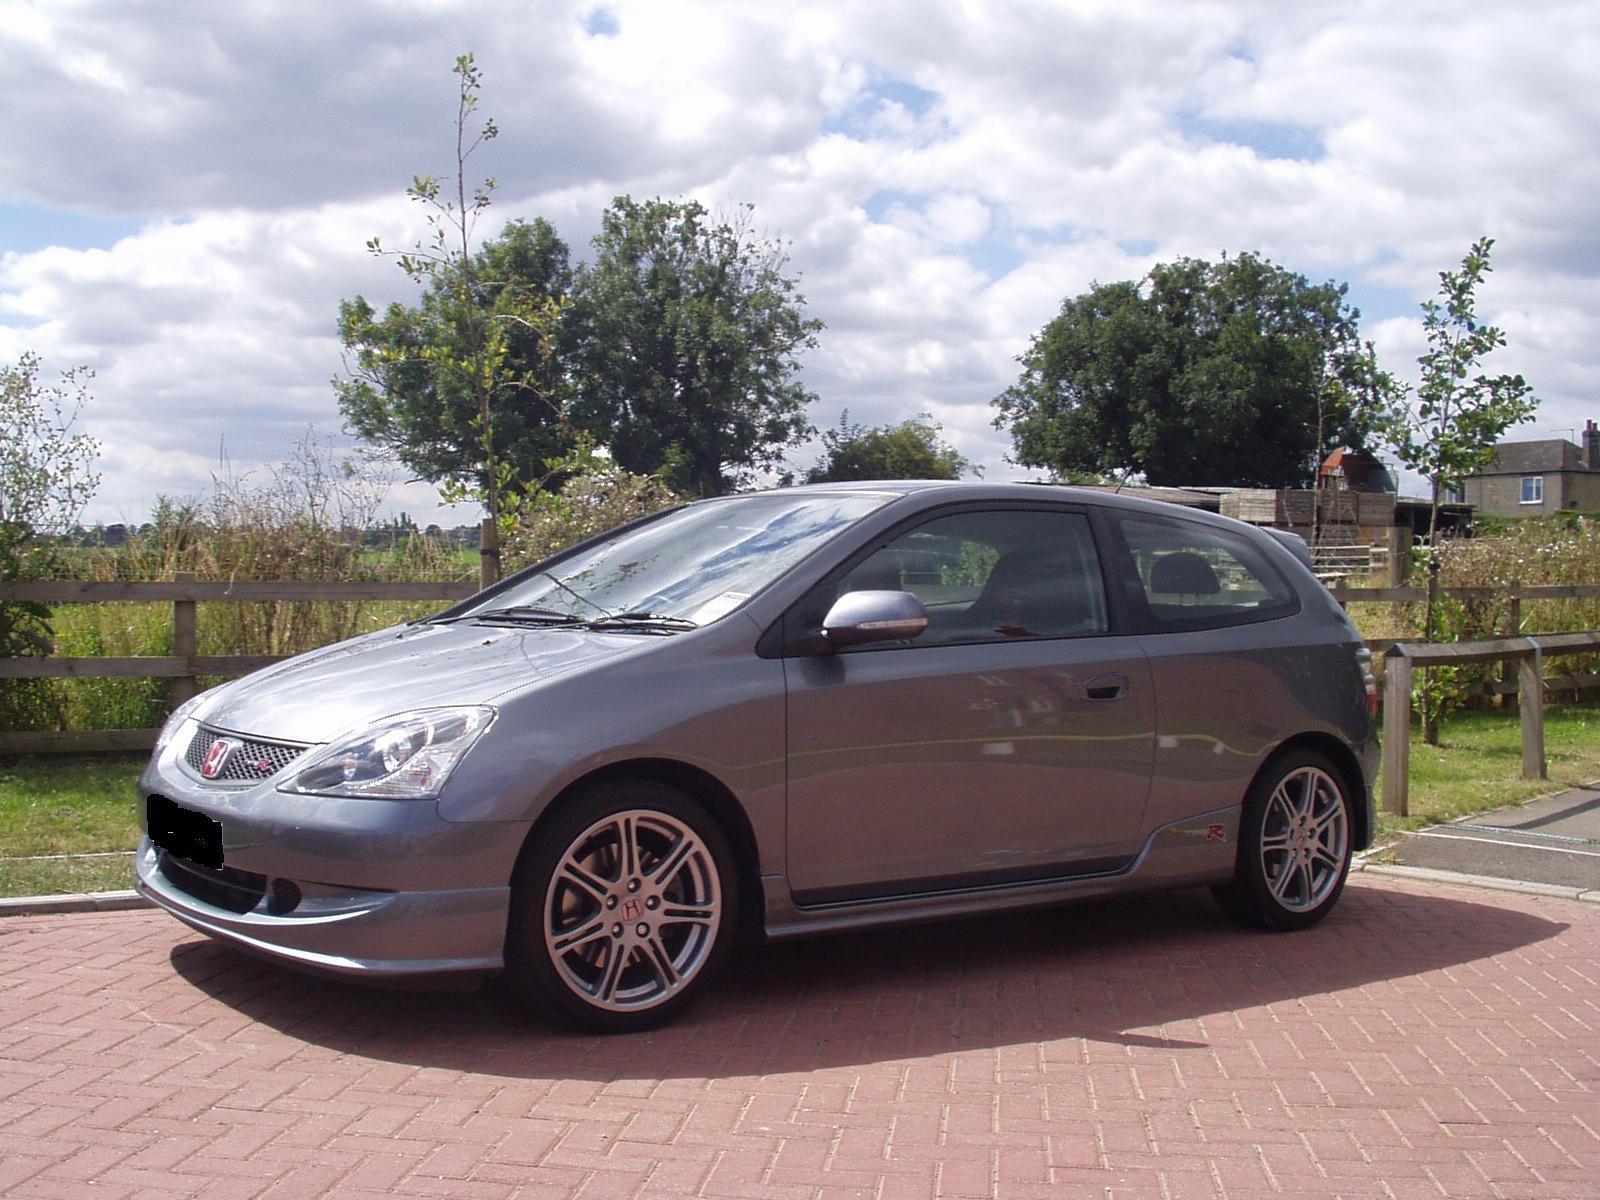 2004 Honda Civic - Pictures